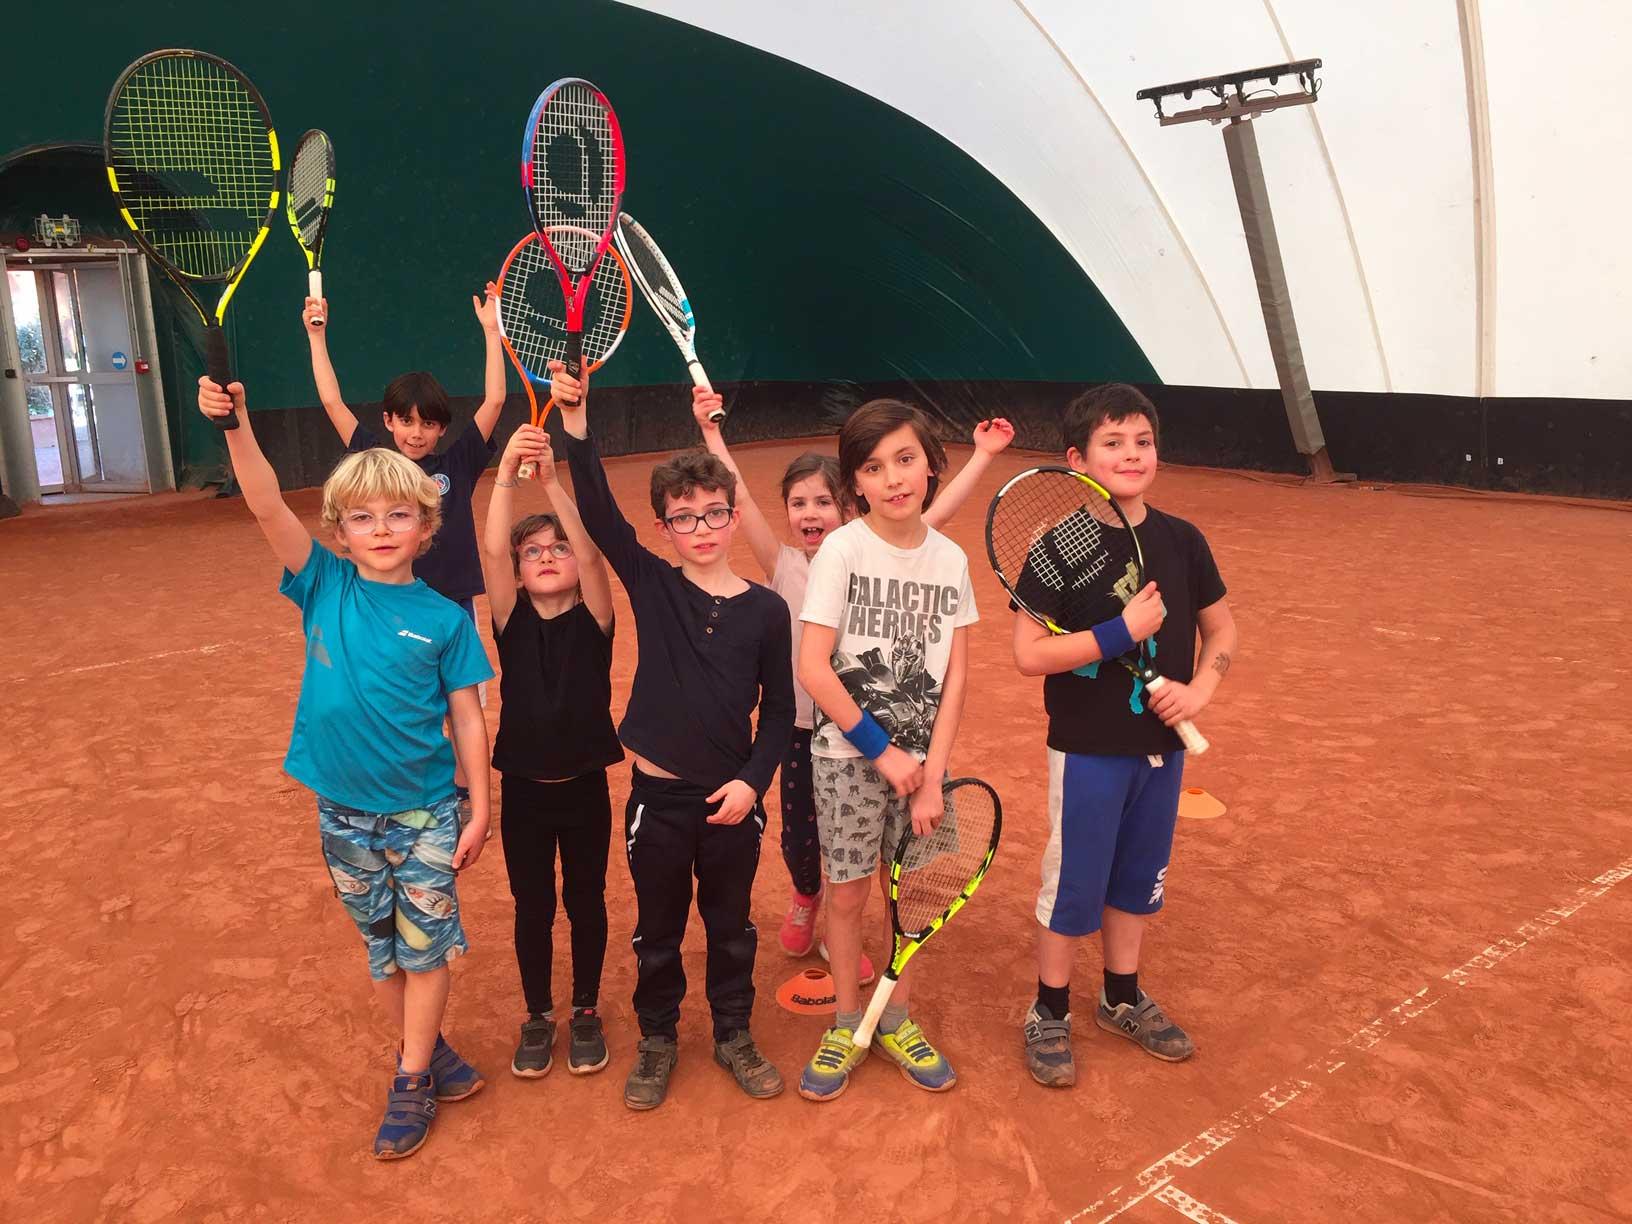 Ecole de tennis – Saison 2019/2020 – Ouverture campagne d'inscription